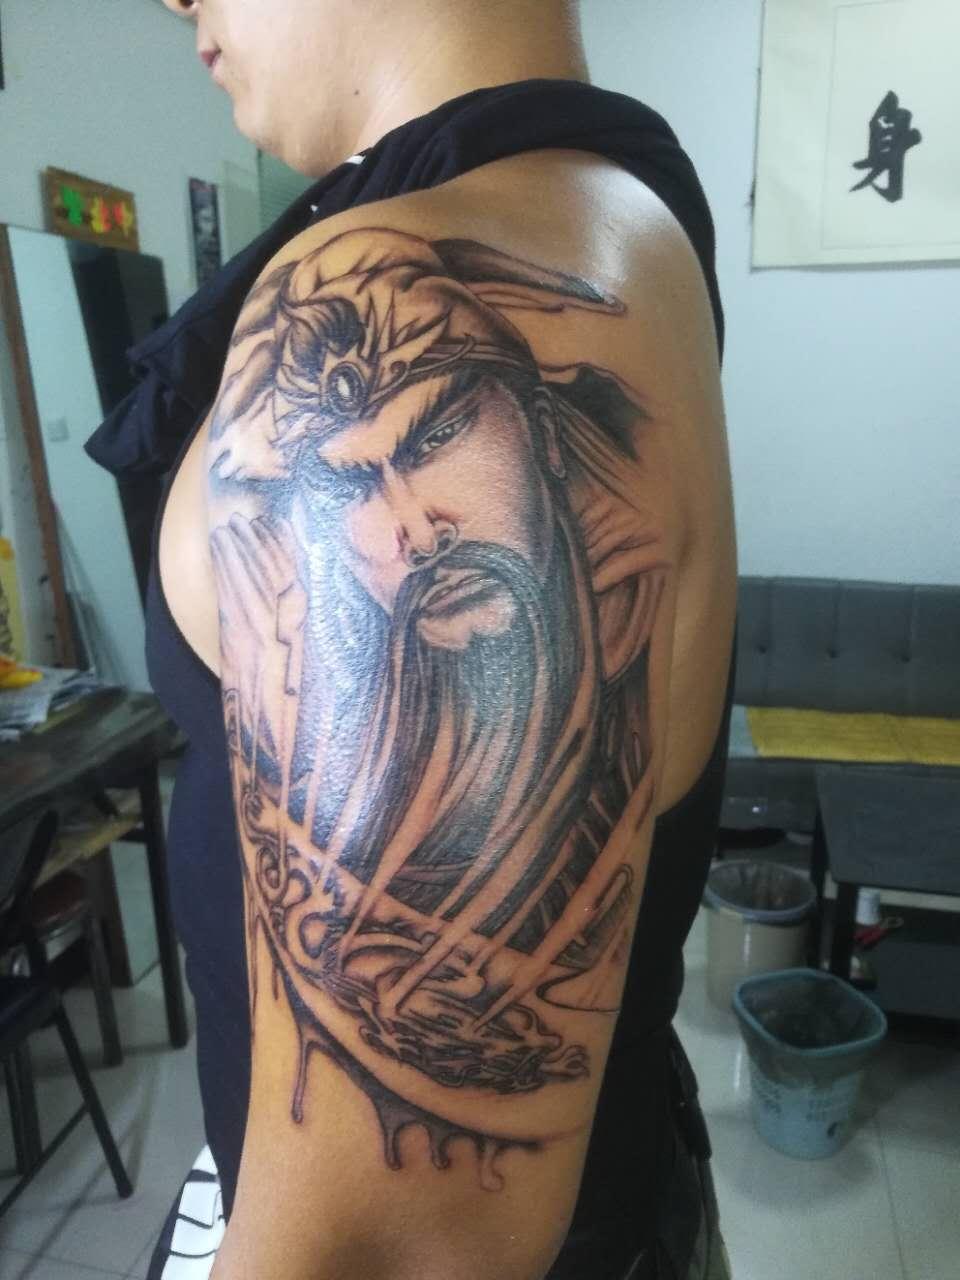 鄭州天龍紋身談 腳踝紋身的保養問題|鄭州刺青-鄭州天龍紋身工作室